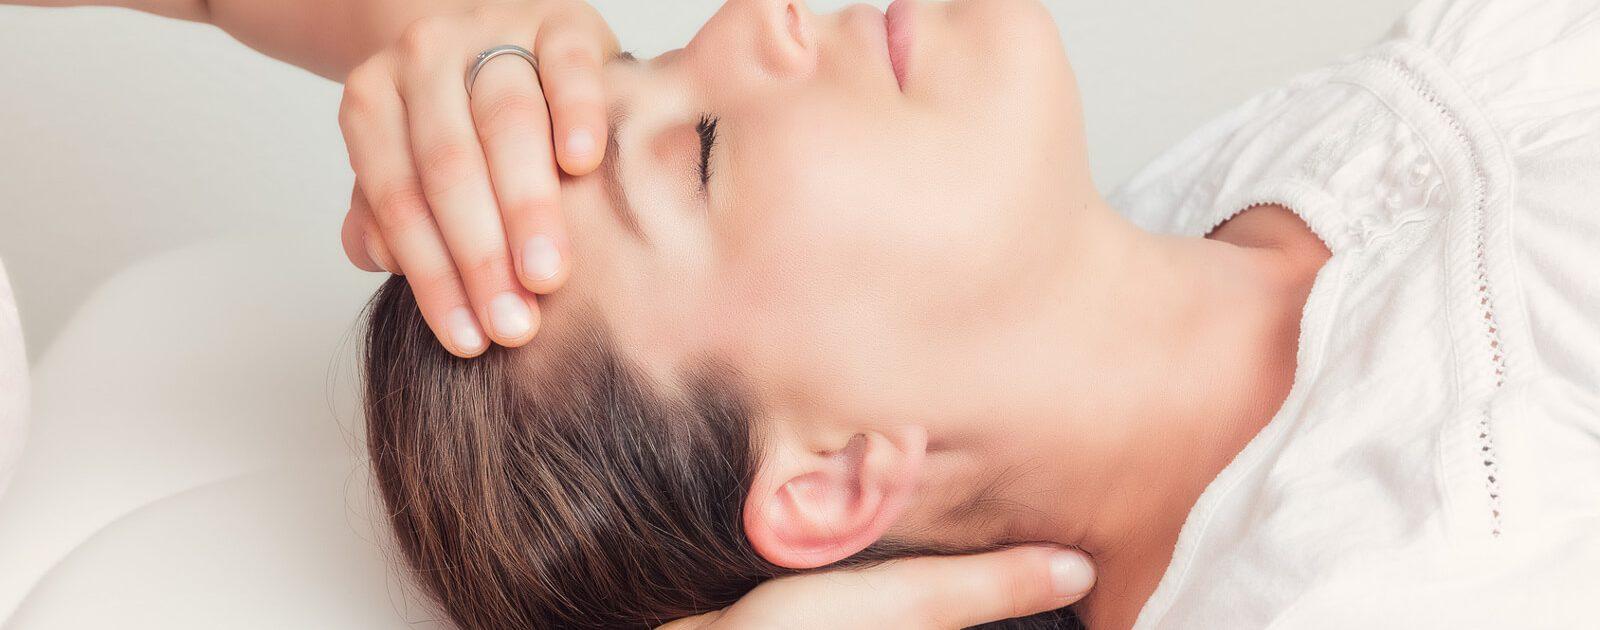 Frau lässt sich von einem Chiropraktiker am Nacken behandeln.